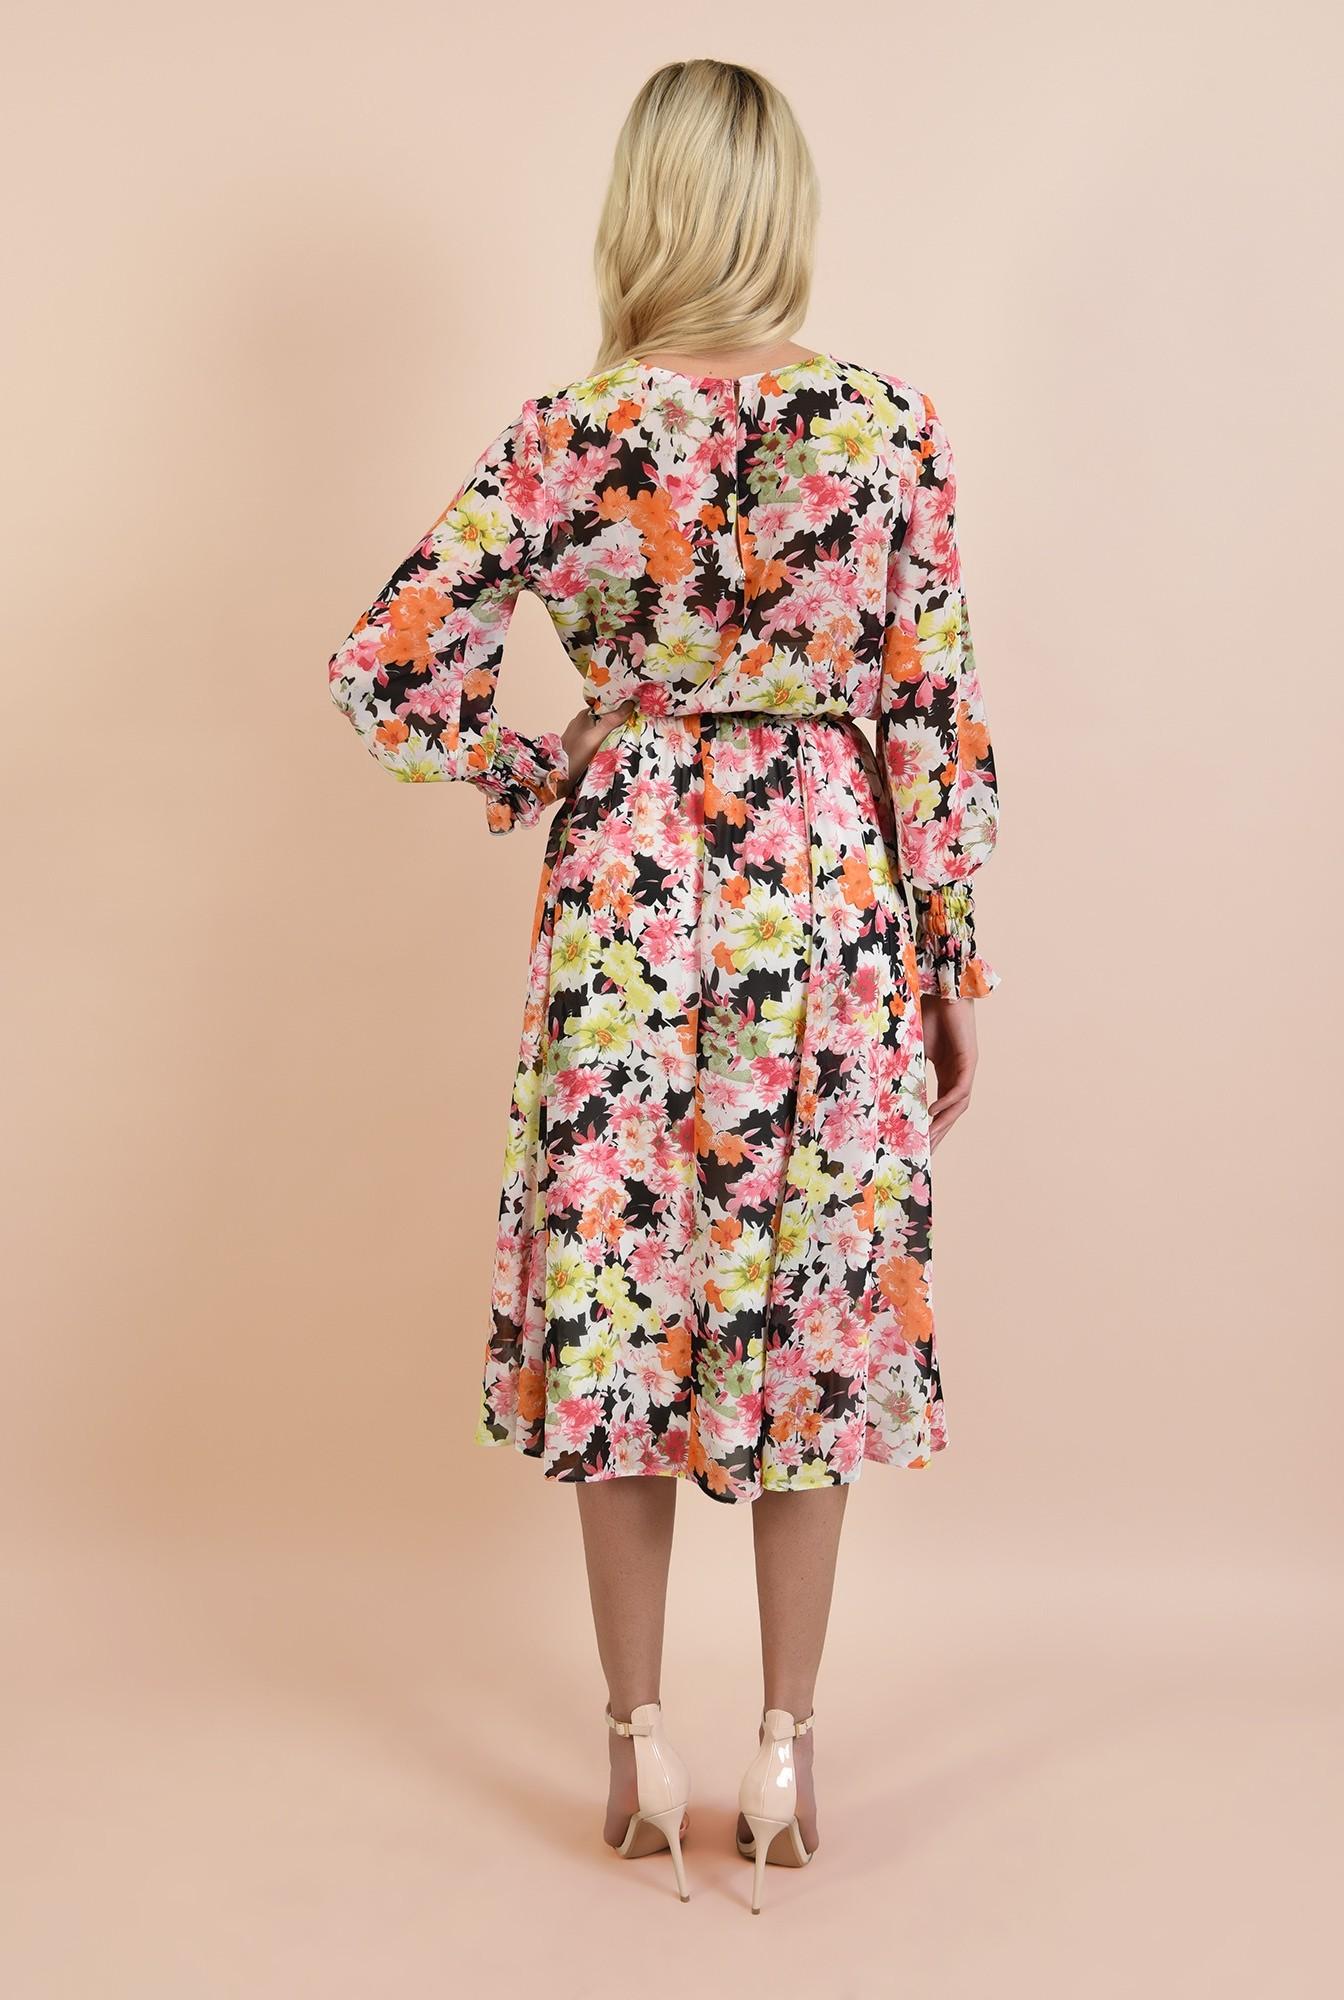 1 - rochie casual, pe bie, cu imprimeu floral, maneci lungi cu mansete elastice